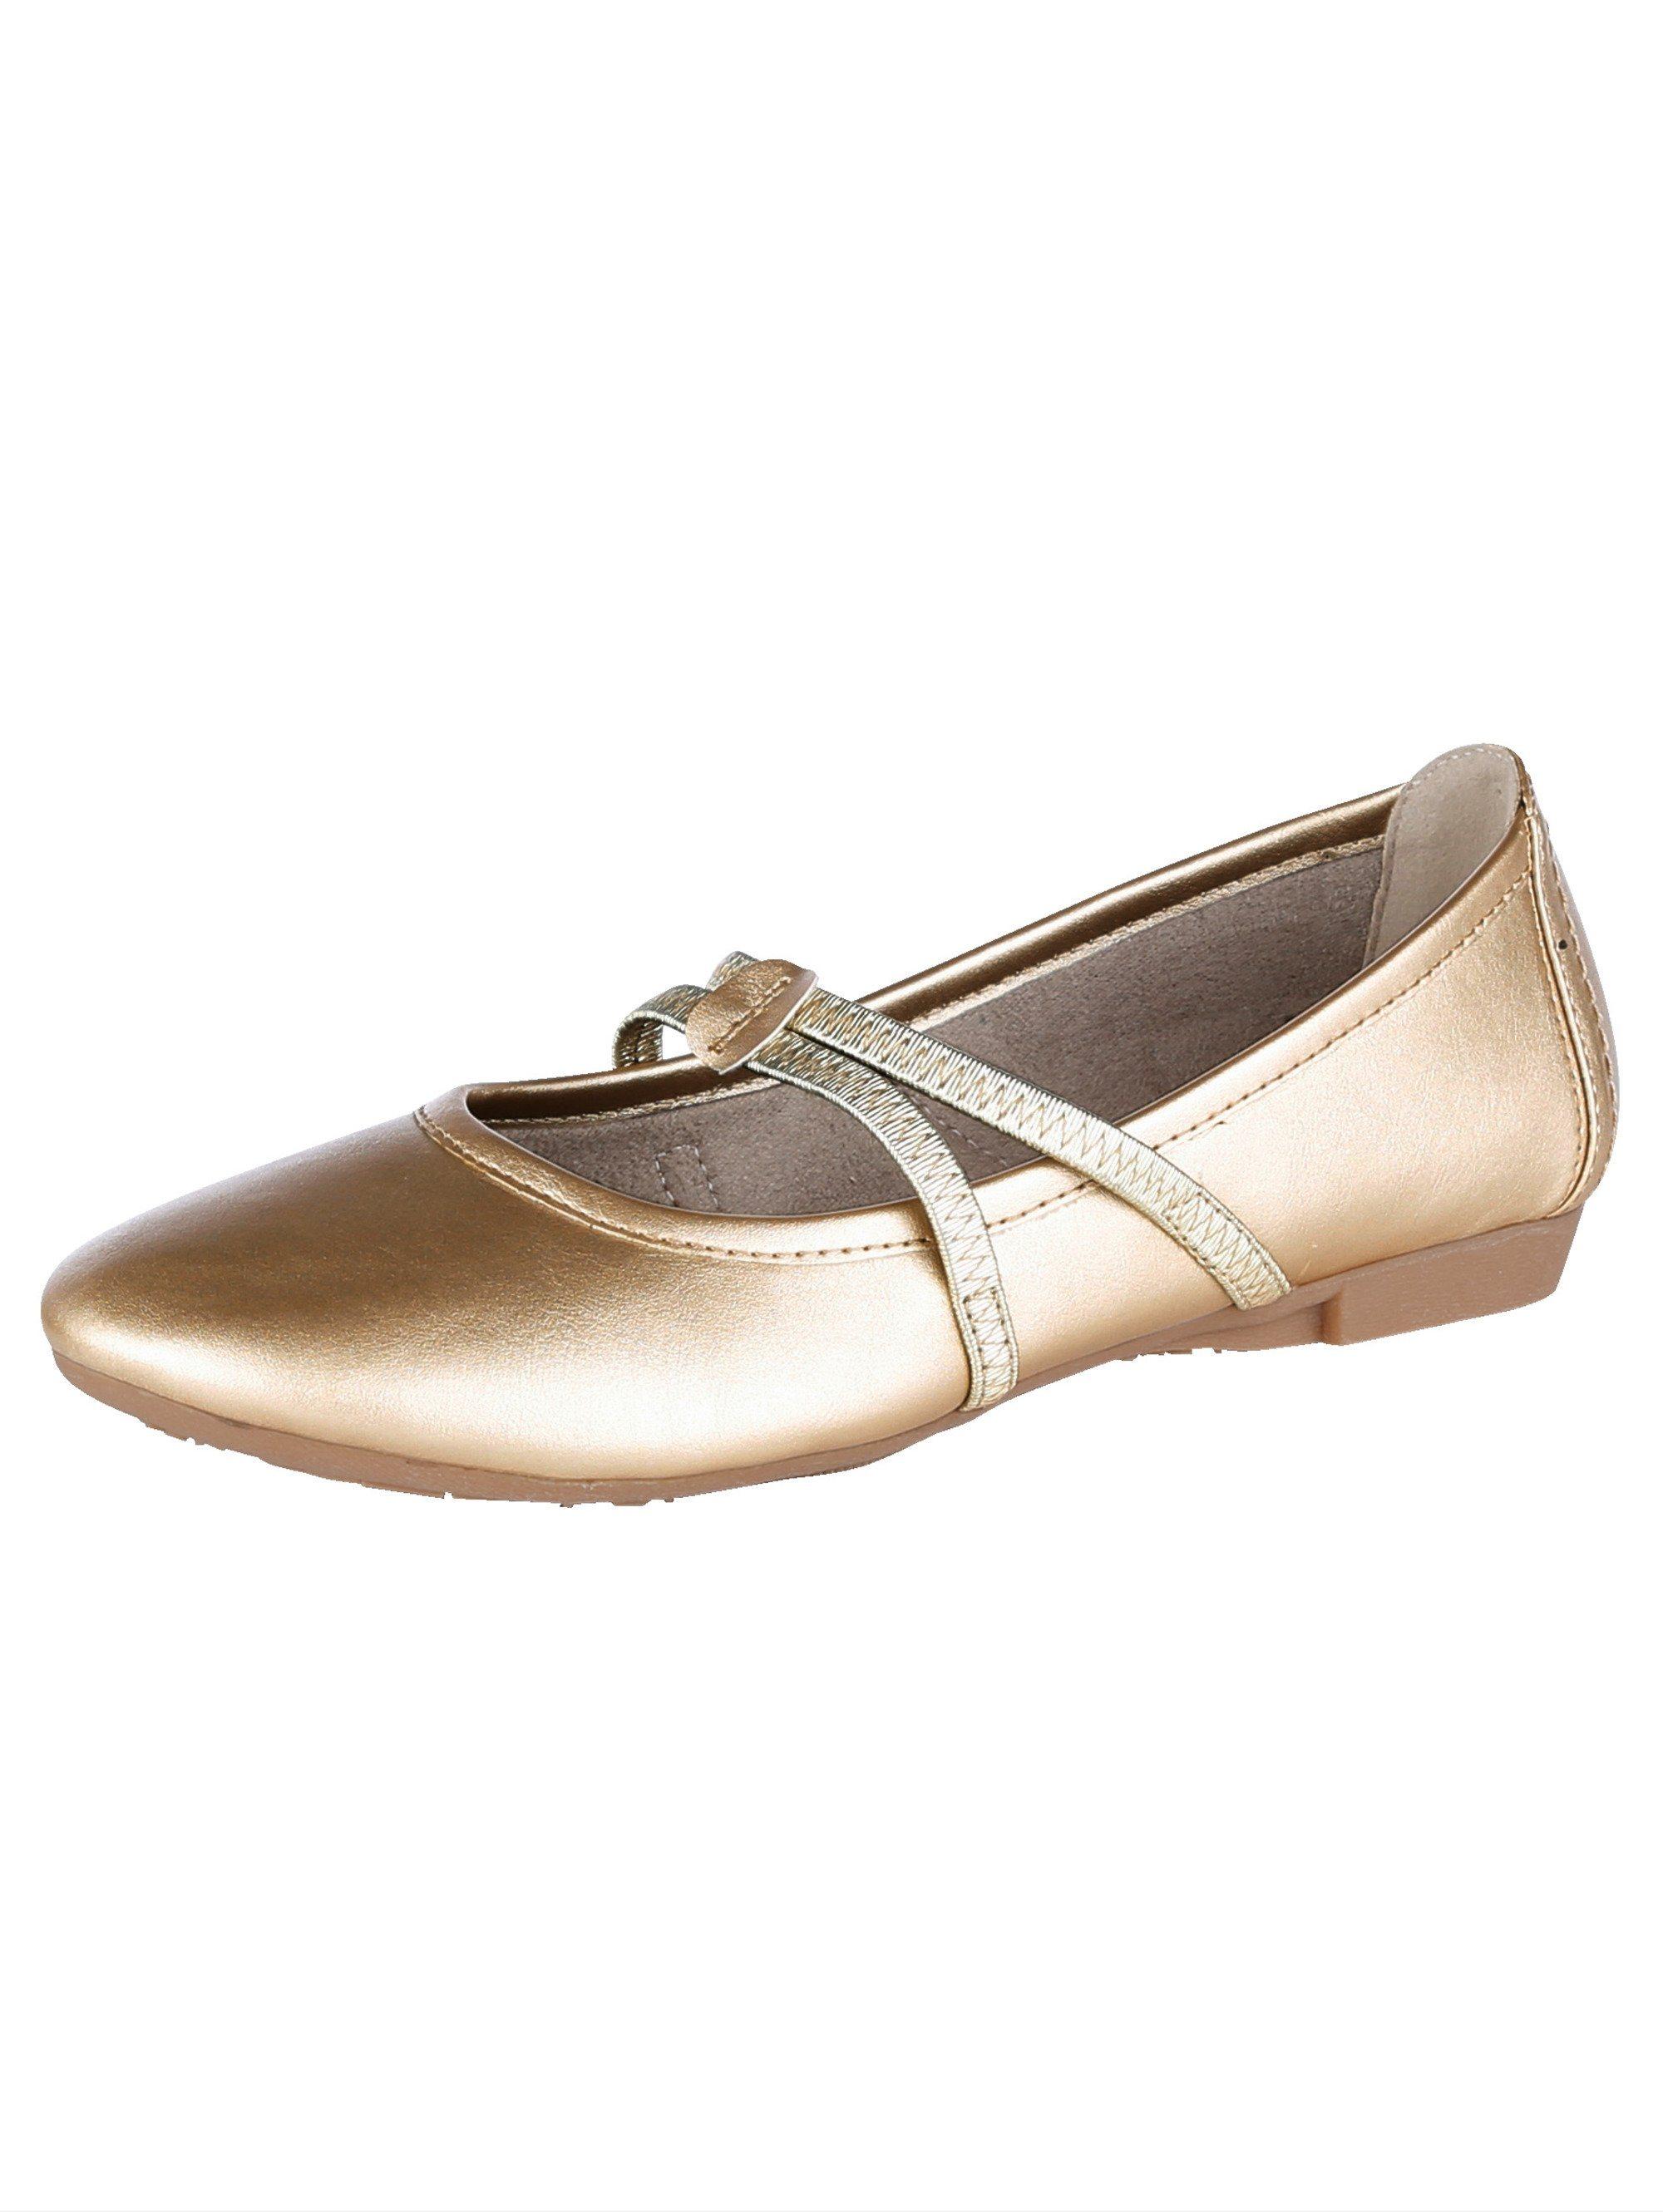 Liva Loop Ballerina mit elastischen Riemchen | Accessoires > Schals & Tücher > Loops | Polyester | Liva Loop